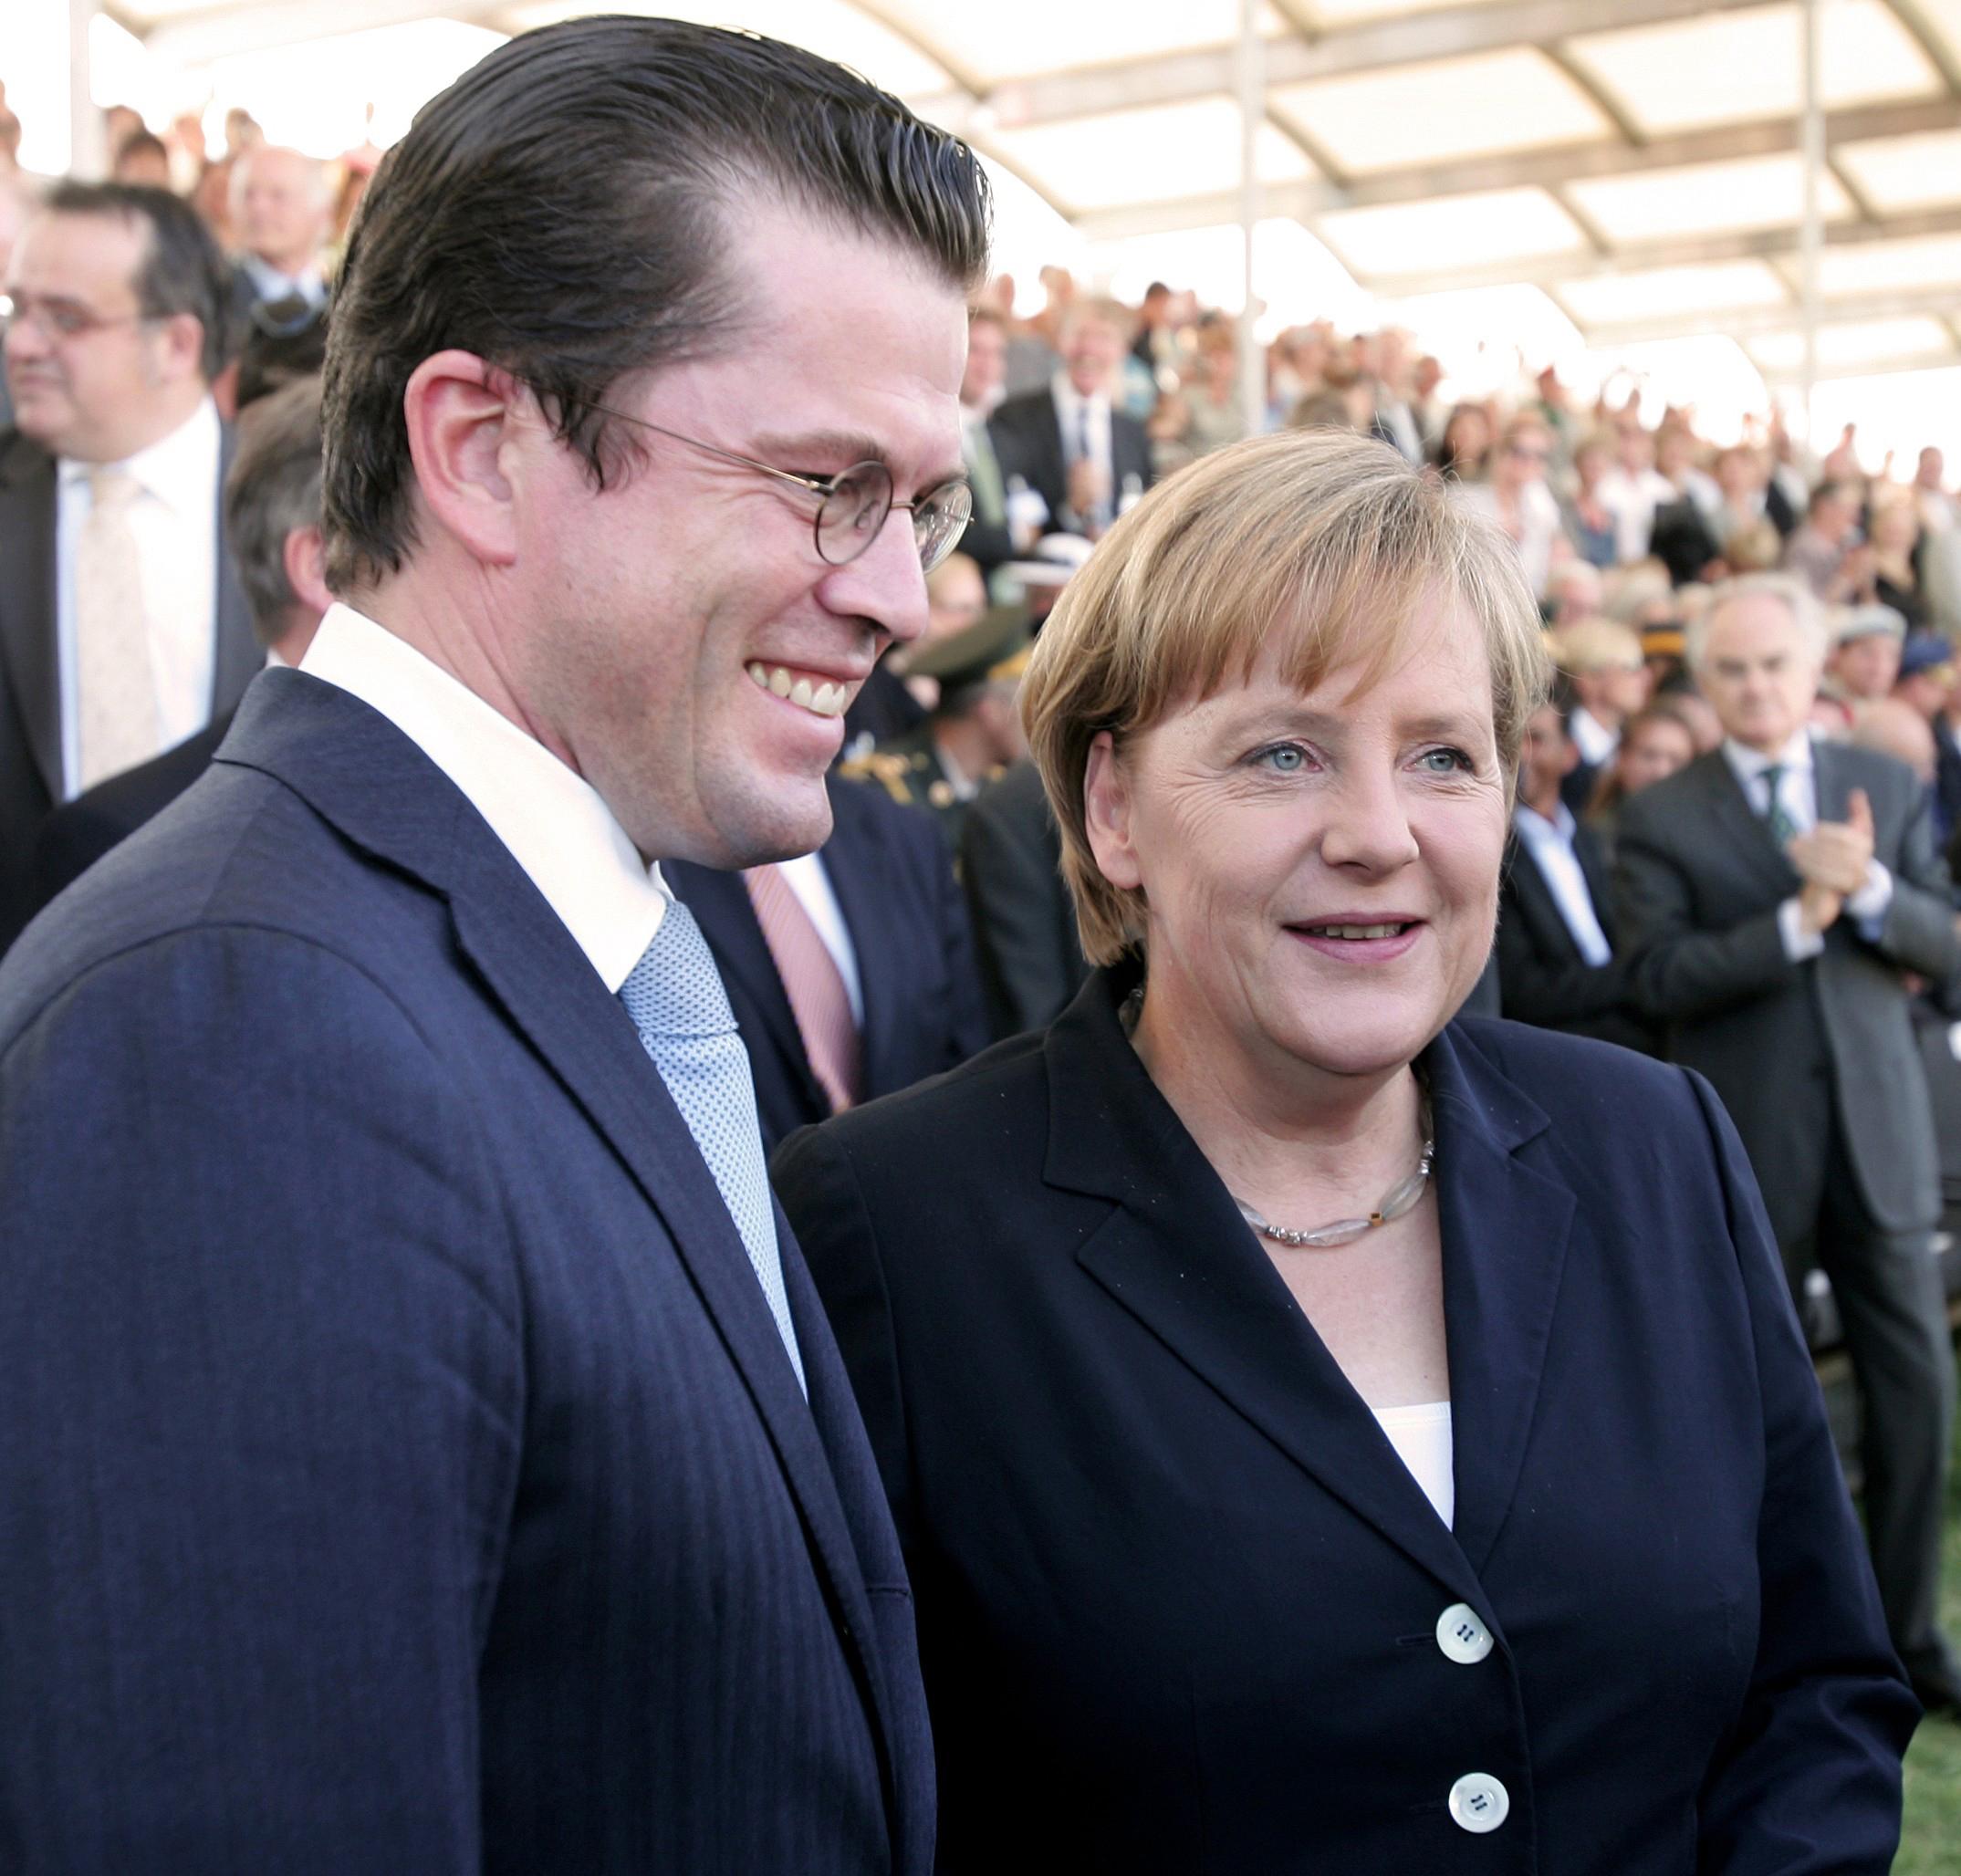 Merkel, zu Guttenberg